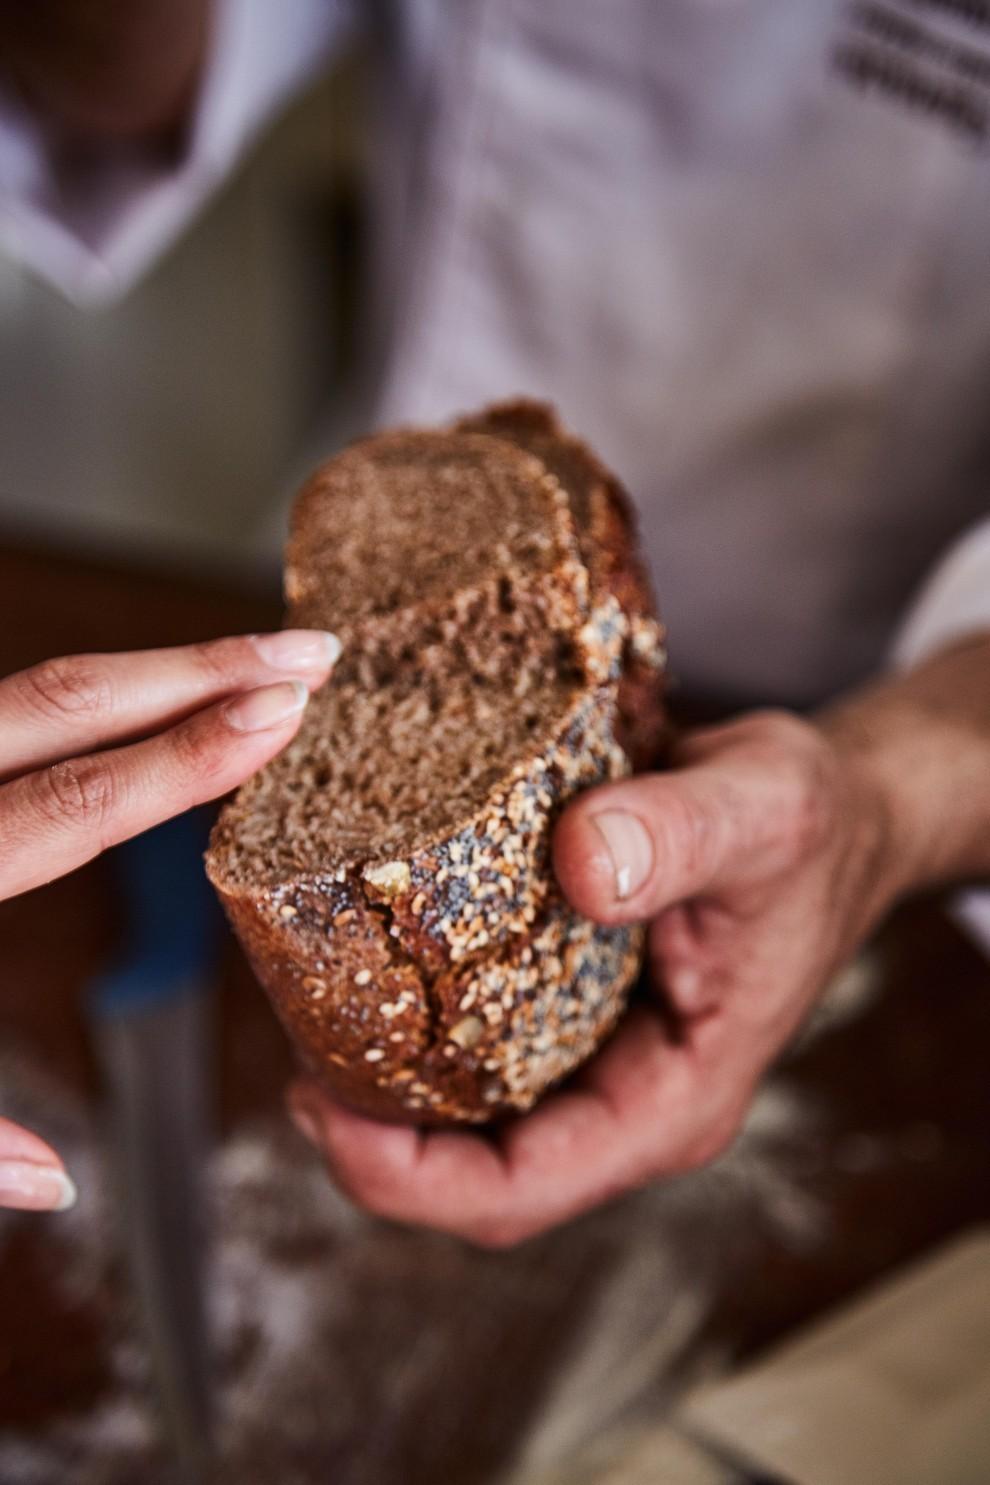 Ogni giorno il panettiere verifica che il lievito abbia fatto il suo dovere. In quel caso l'impasto risulta perfetto e, una volta cotto, è pronto per l'assaggio finale. Al tatto il pane deve essere freddo.